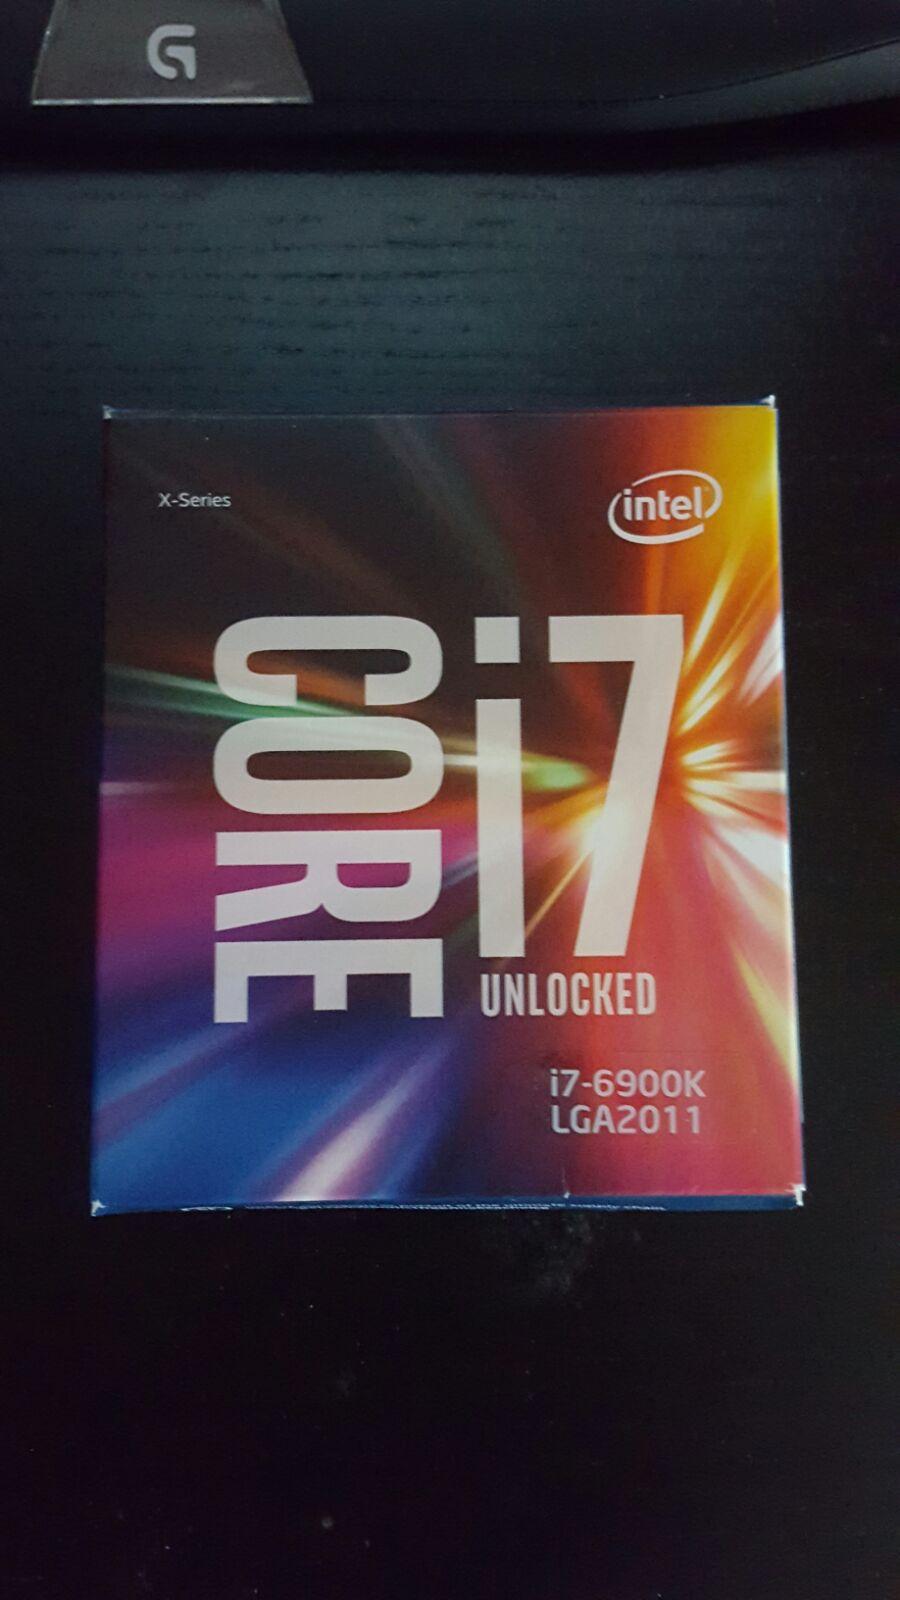 I7-6900k